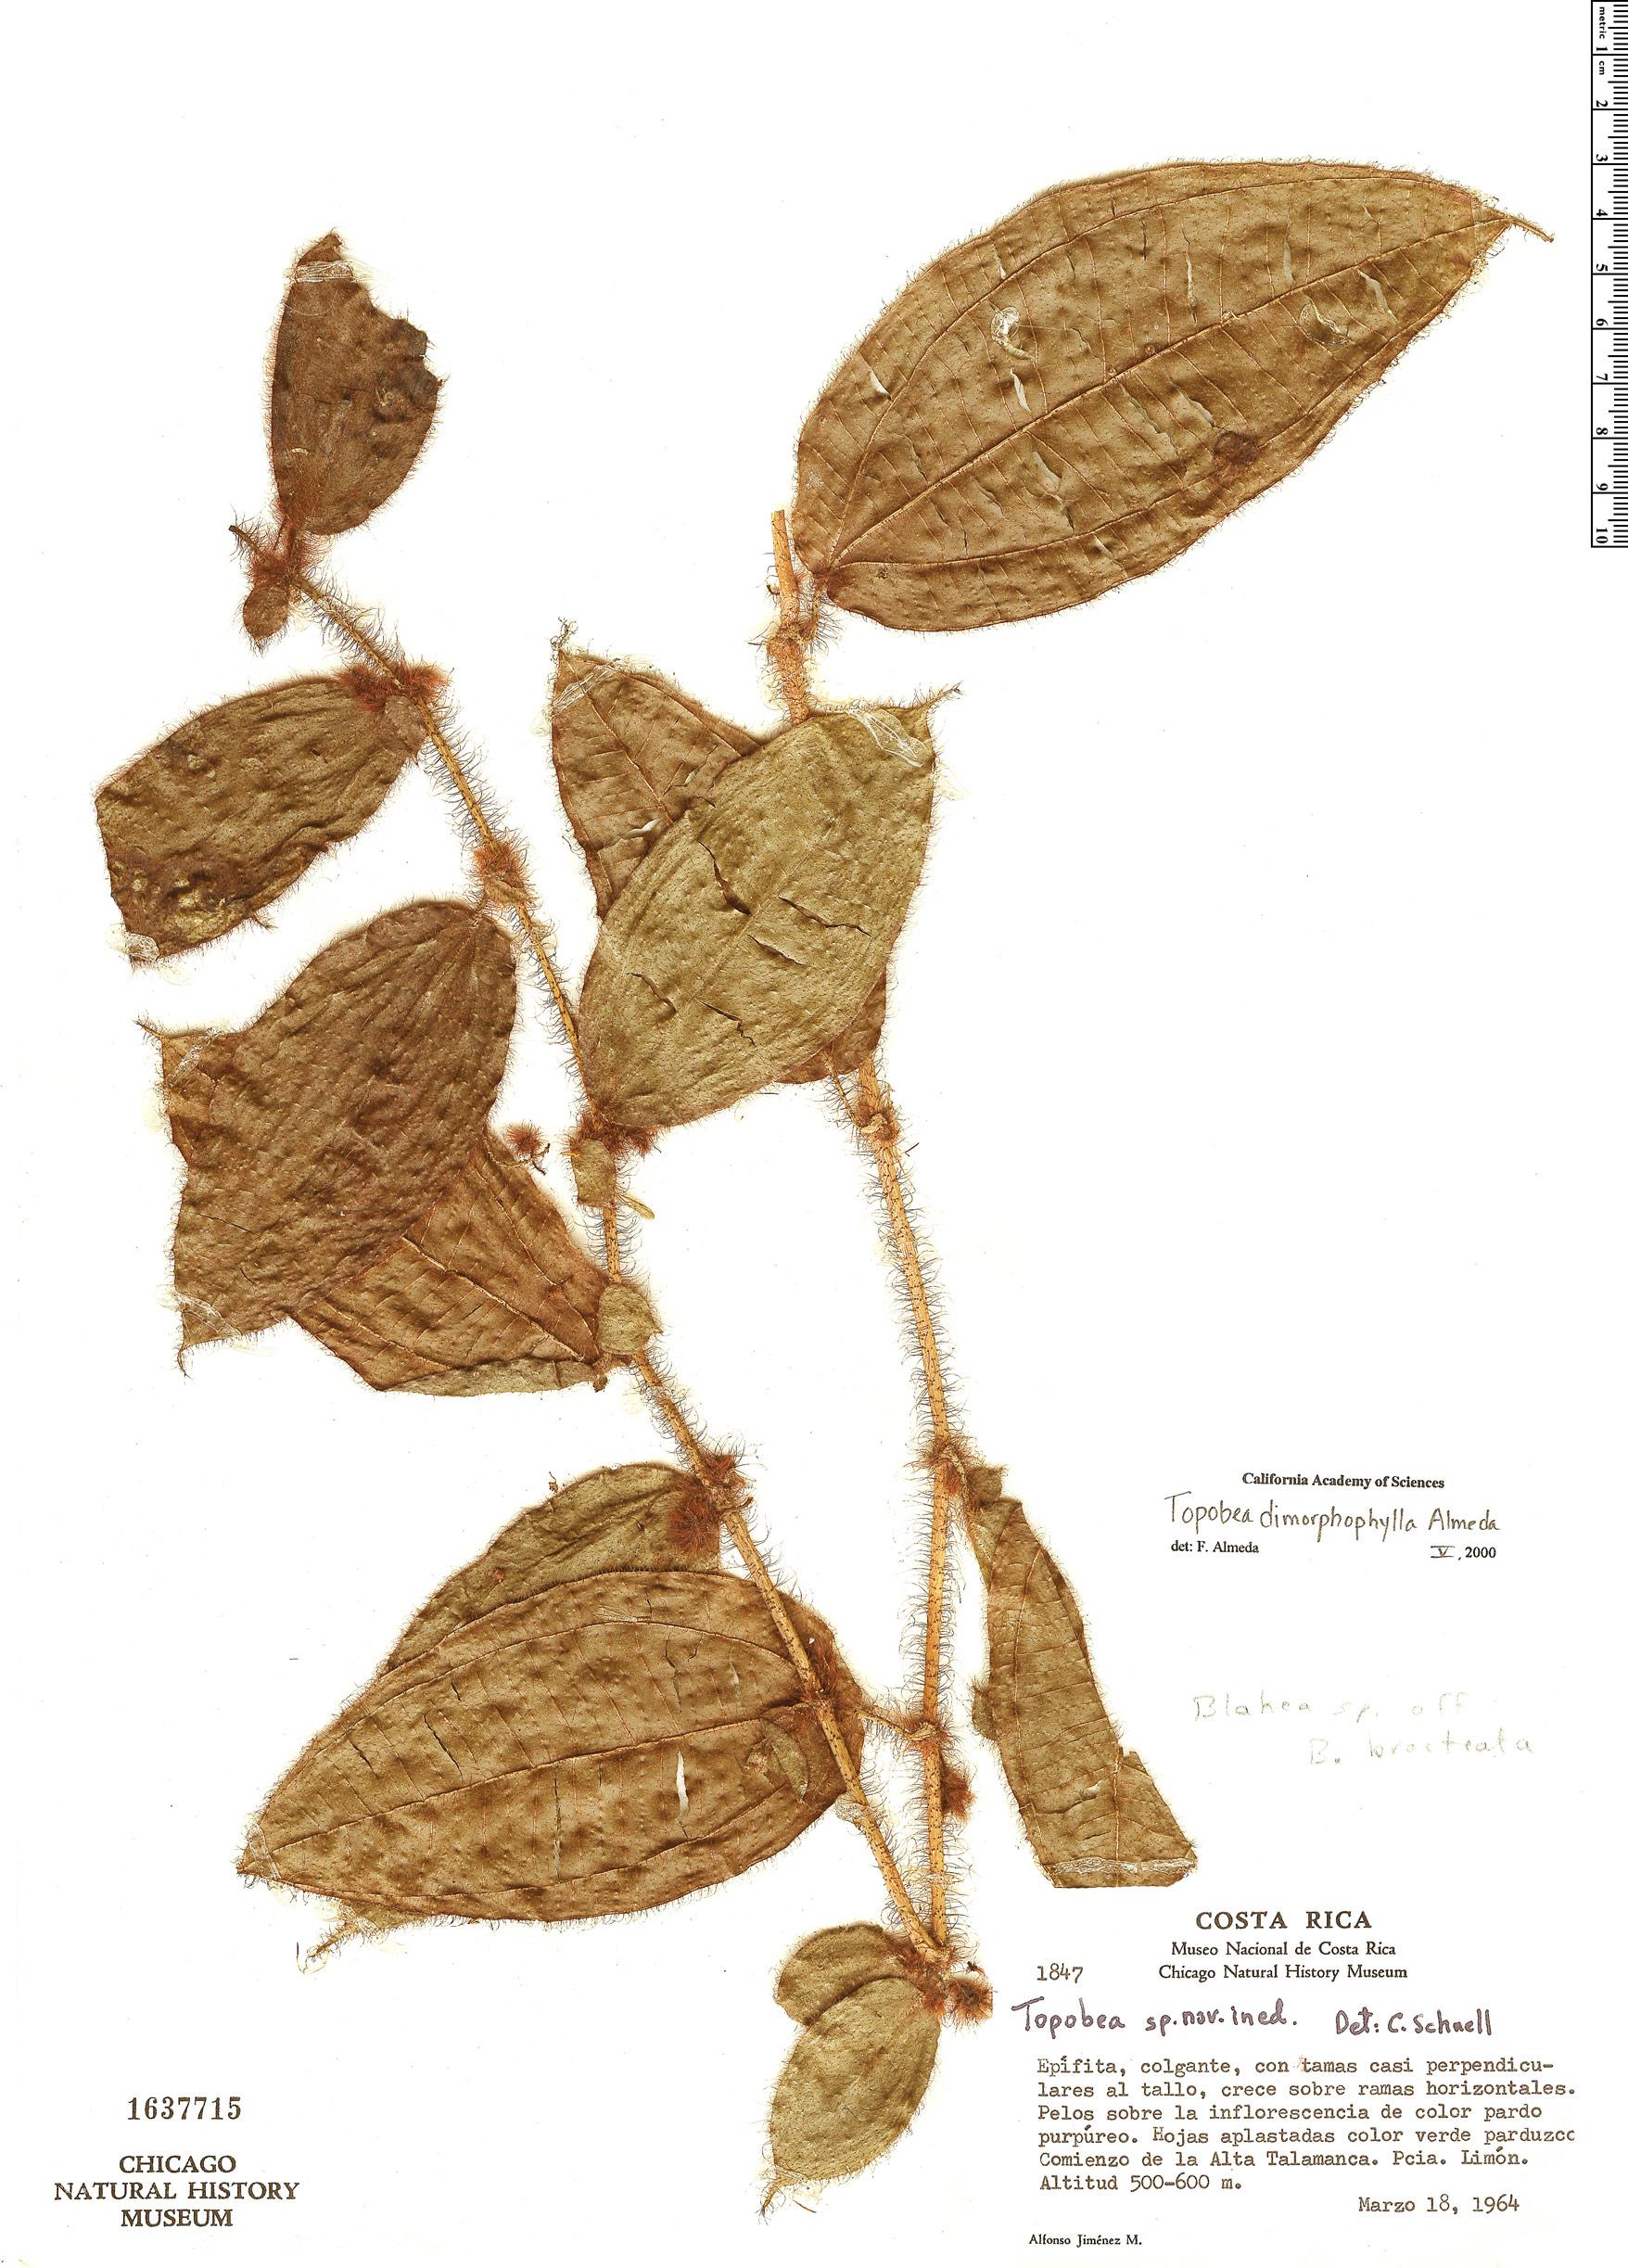 Specimen: Blakea dimorphophylla